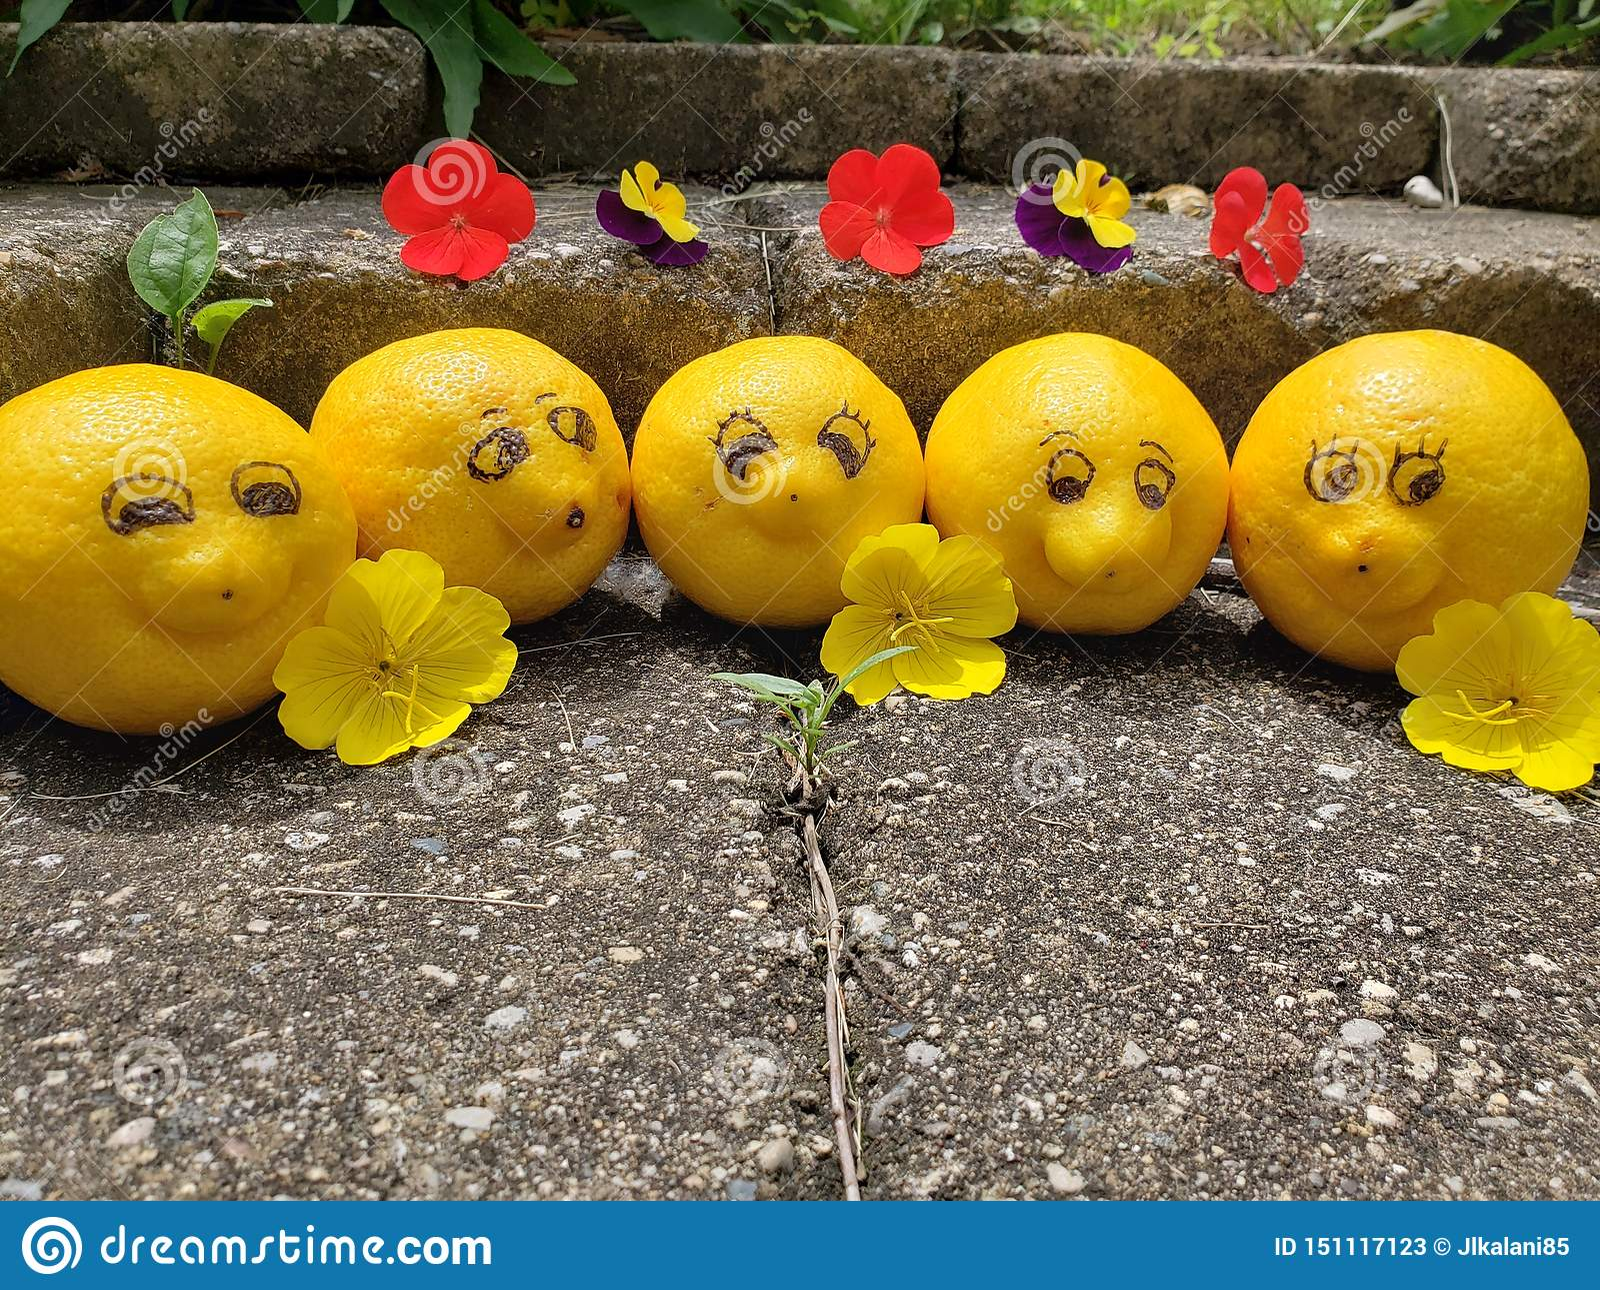 Os limões felizes sorrirem para a câmera quando em umas férias ensolaradas